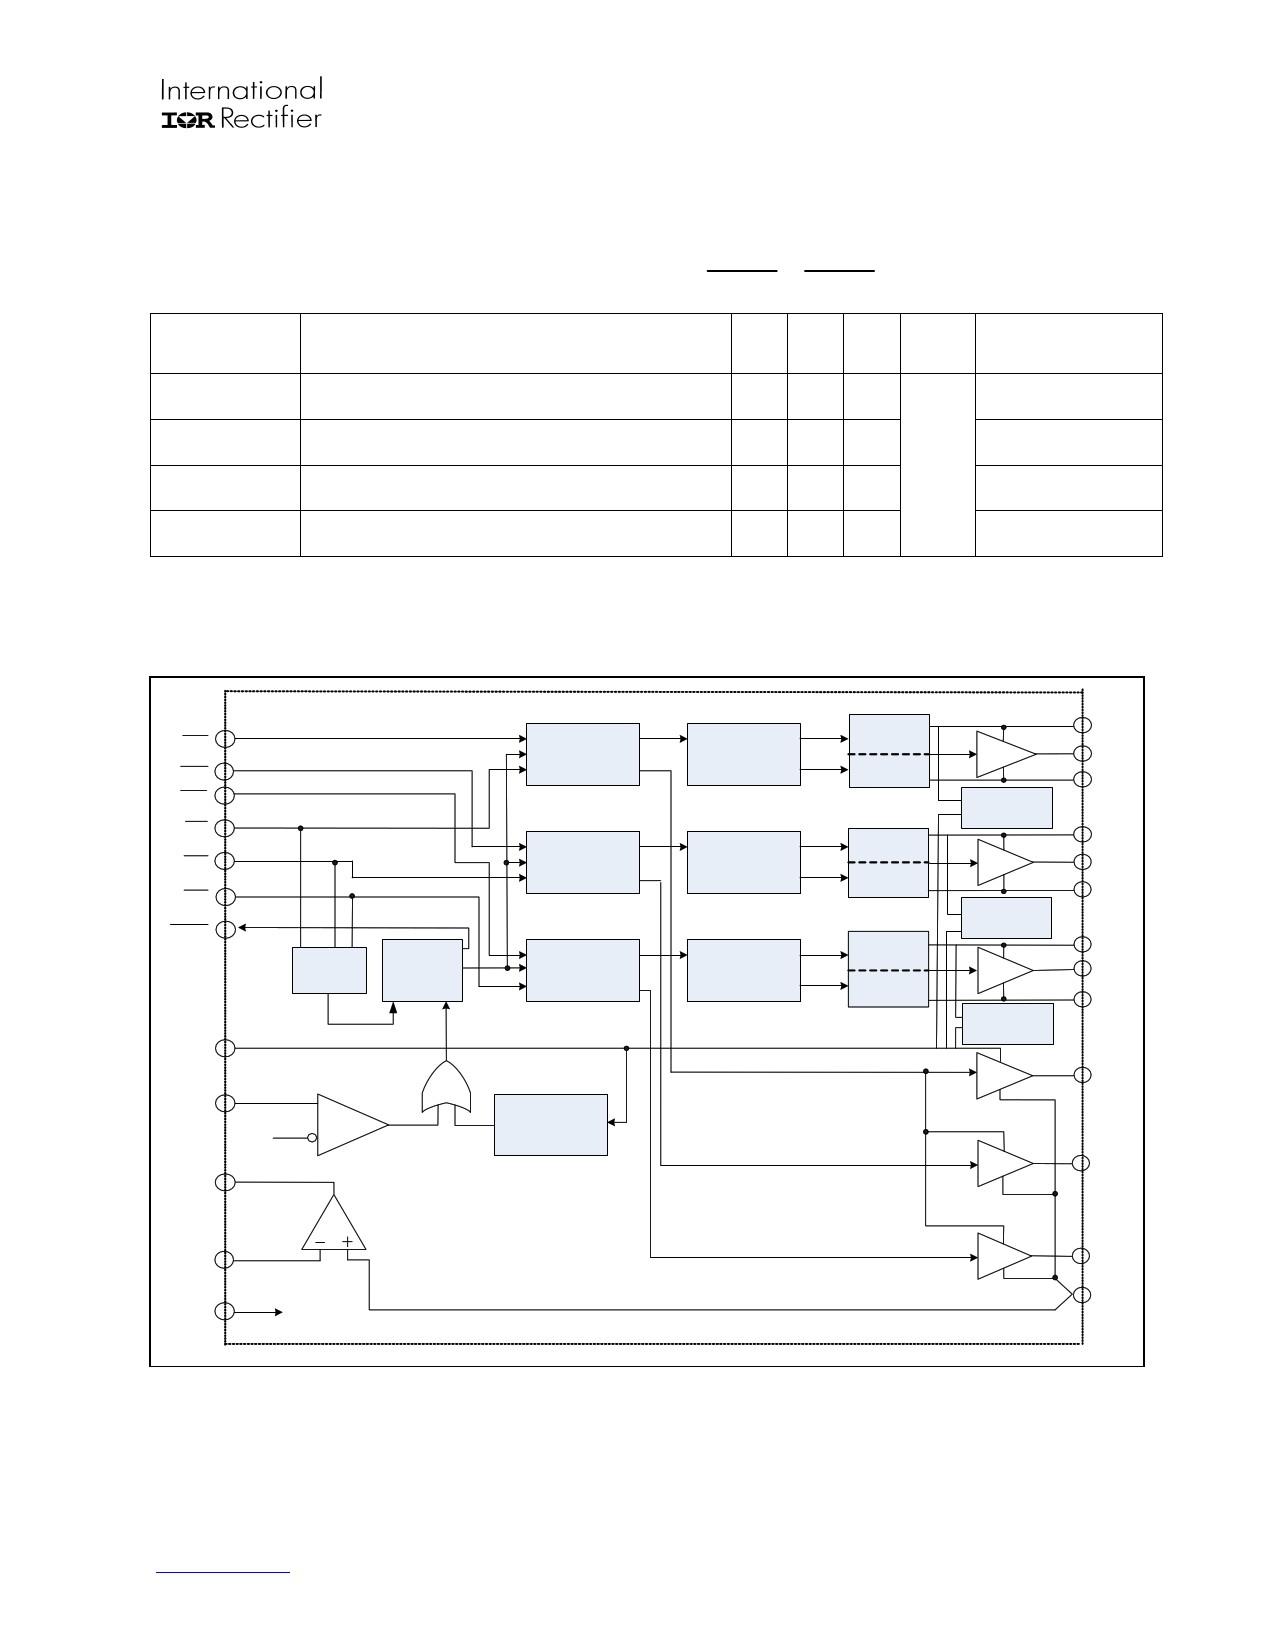 Wiring diagram bridge rectifier rectifierfilter circuit datasheet irs233jpbf phase bridge driver page pdf single phase electric motor pdf skiip12nab126v1 datasheet phase bridge wiring diagram asfbconference2016 Gallery